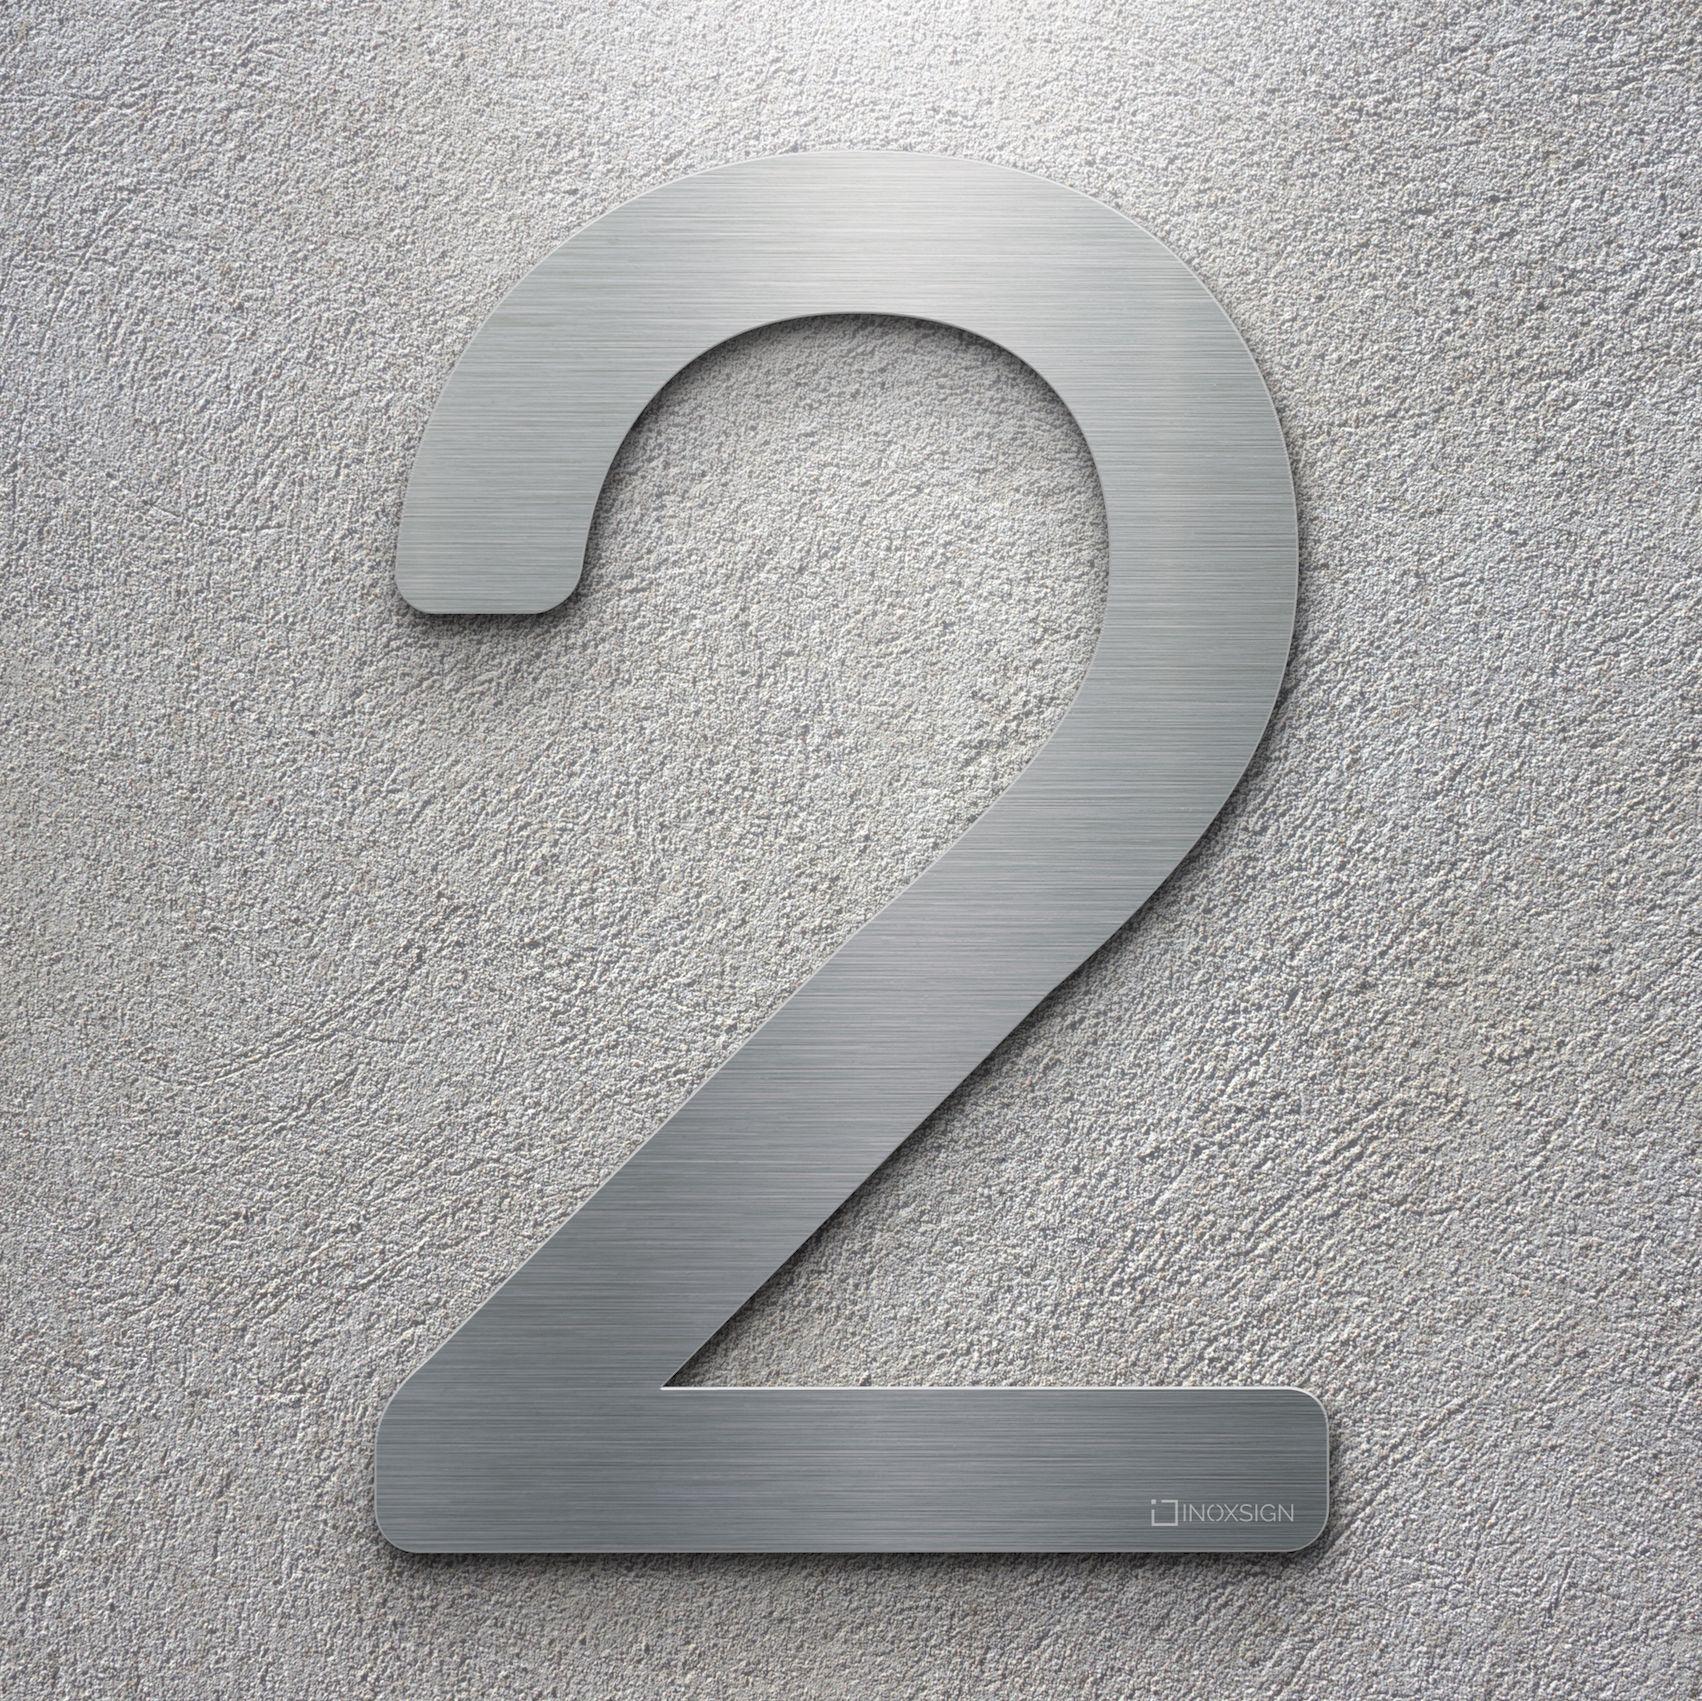 Neu inoxsign edelstahl hausnummer 2 moderne hausnummern aus edelstahl gebürstet design hausnummernschilder erhältlich als zahlen und buchstaben